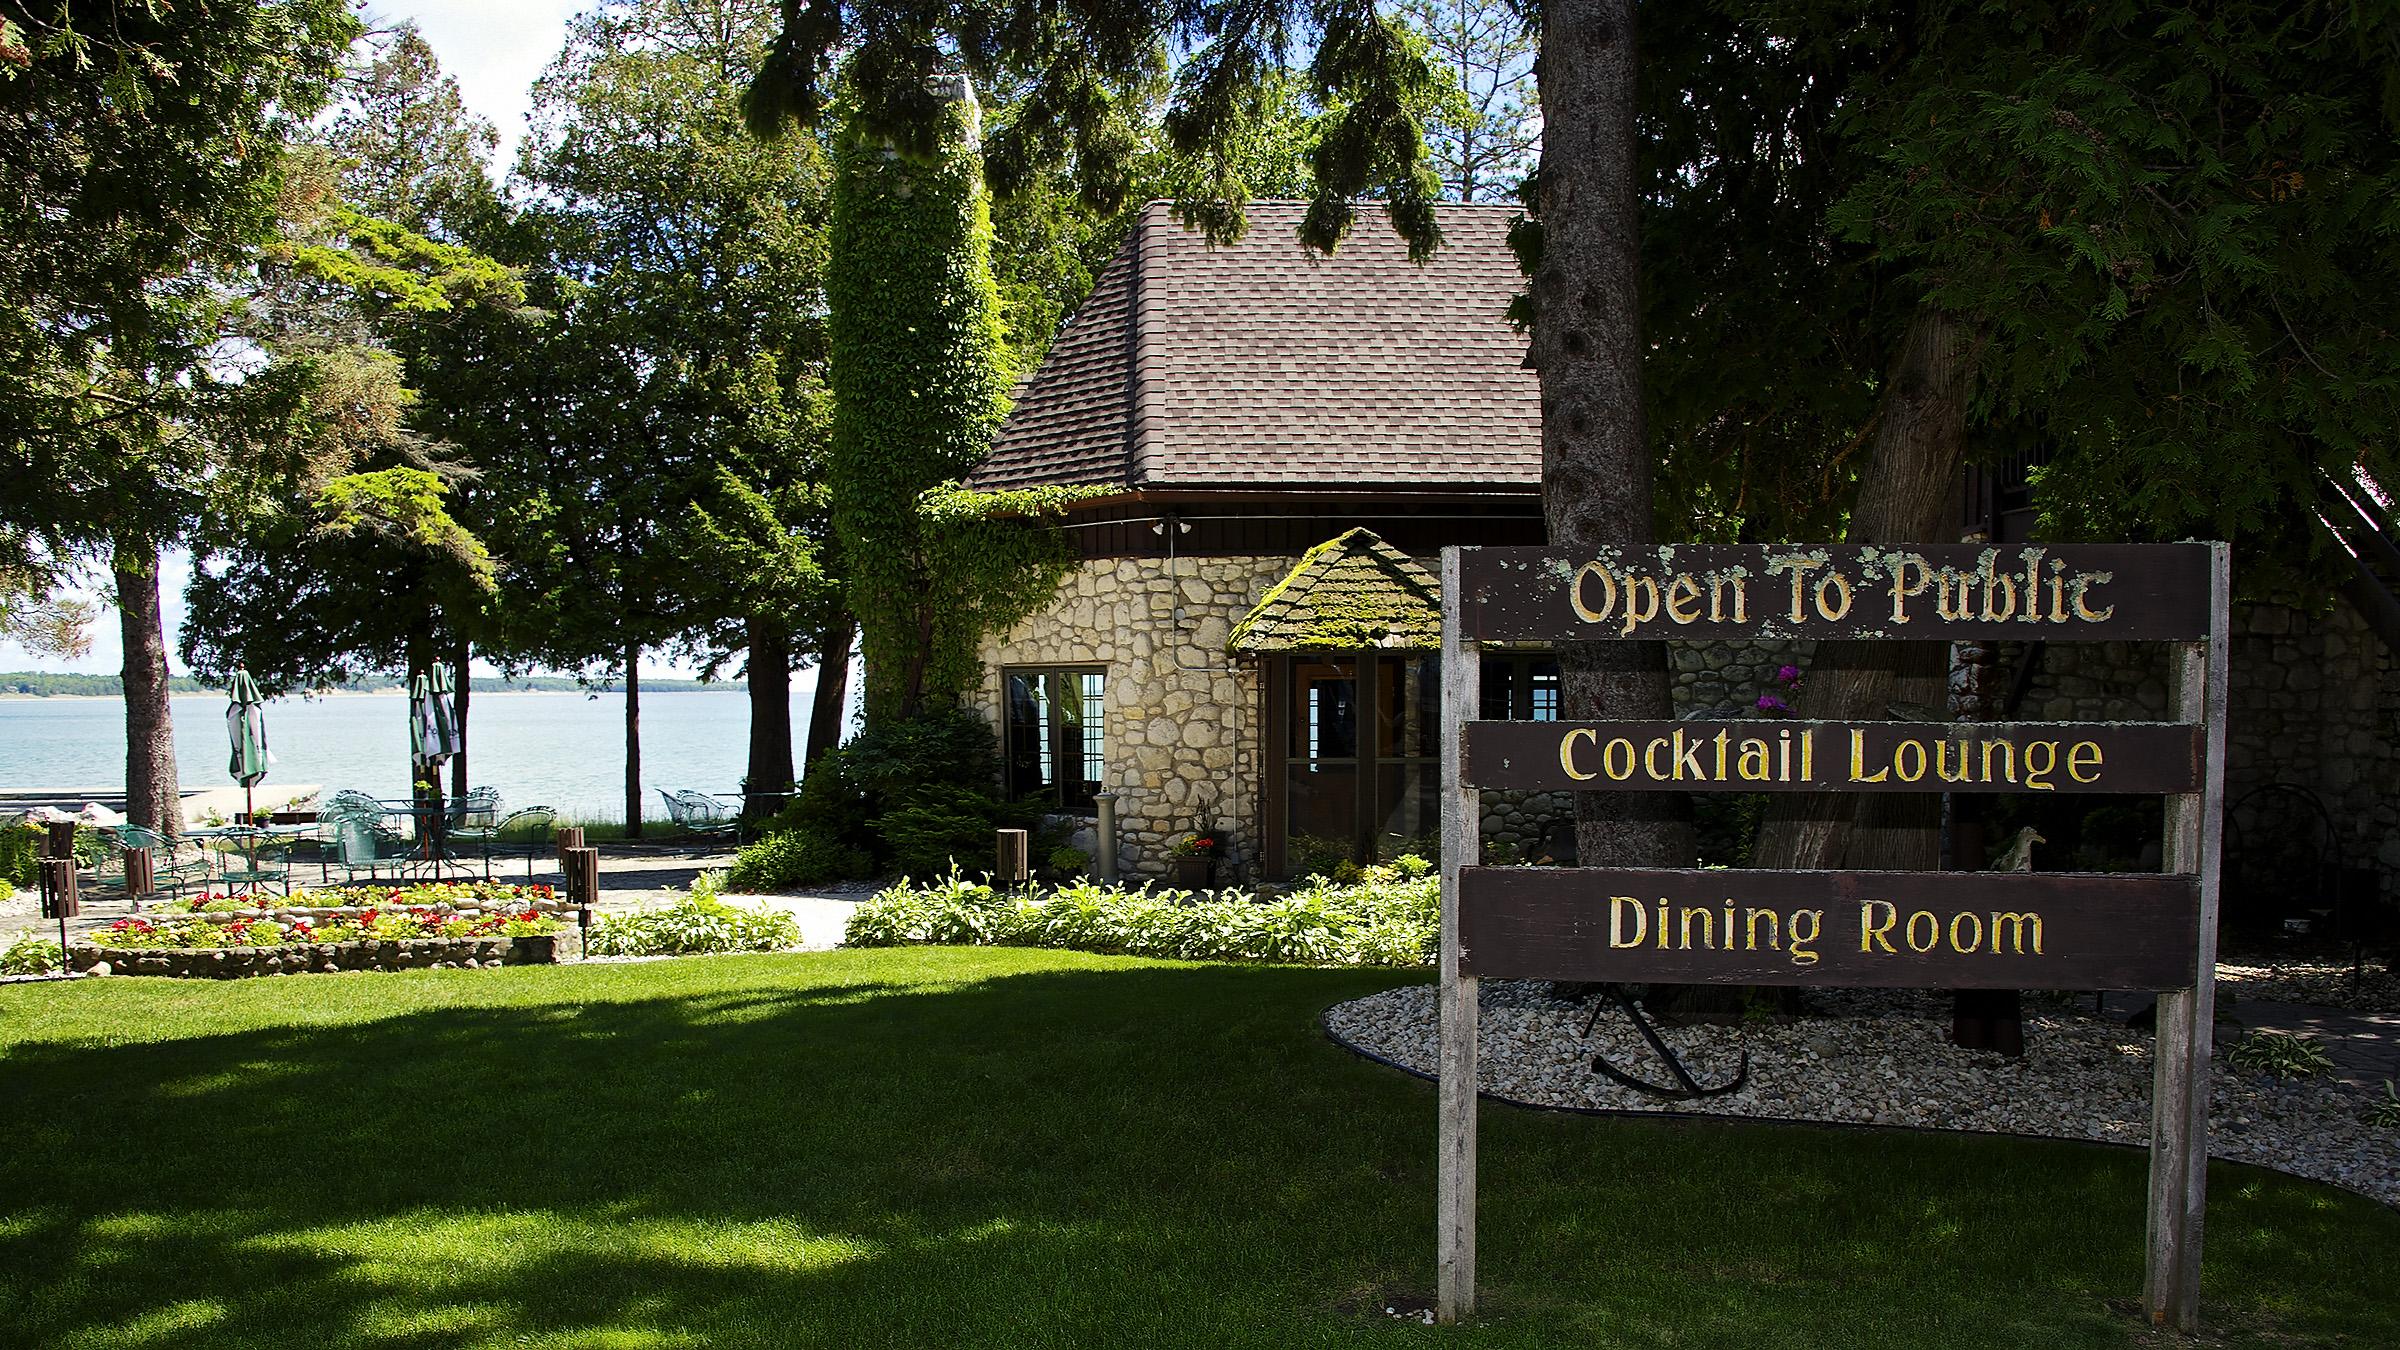 Glidden Lodge Reps Door County in Travel Wisconsin Supper Club